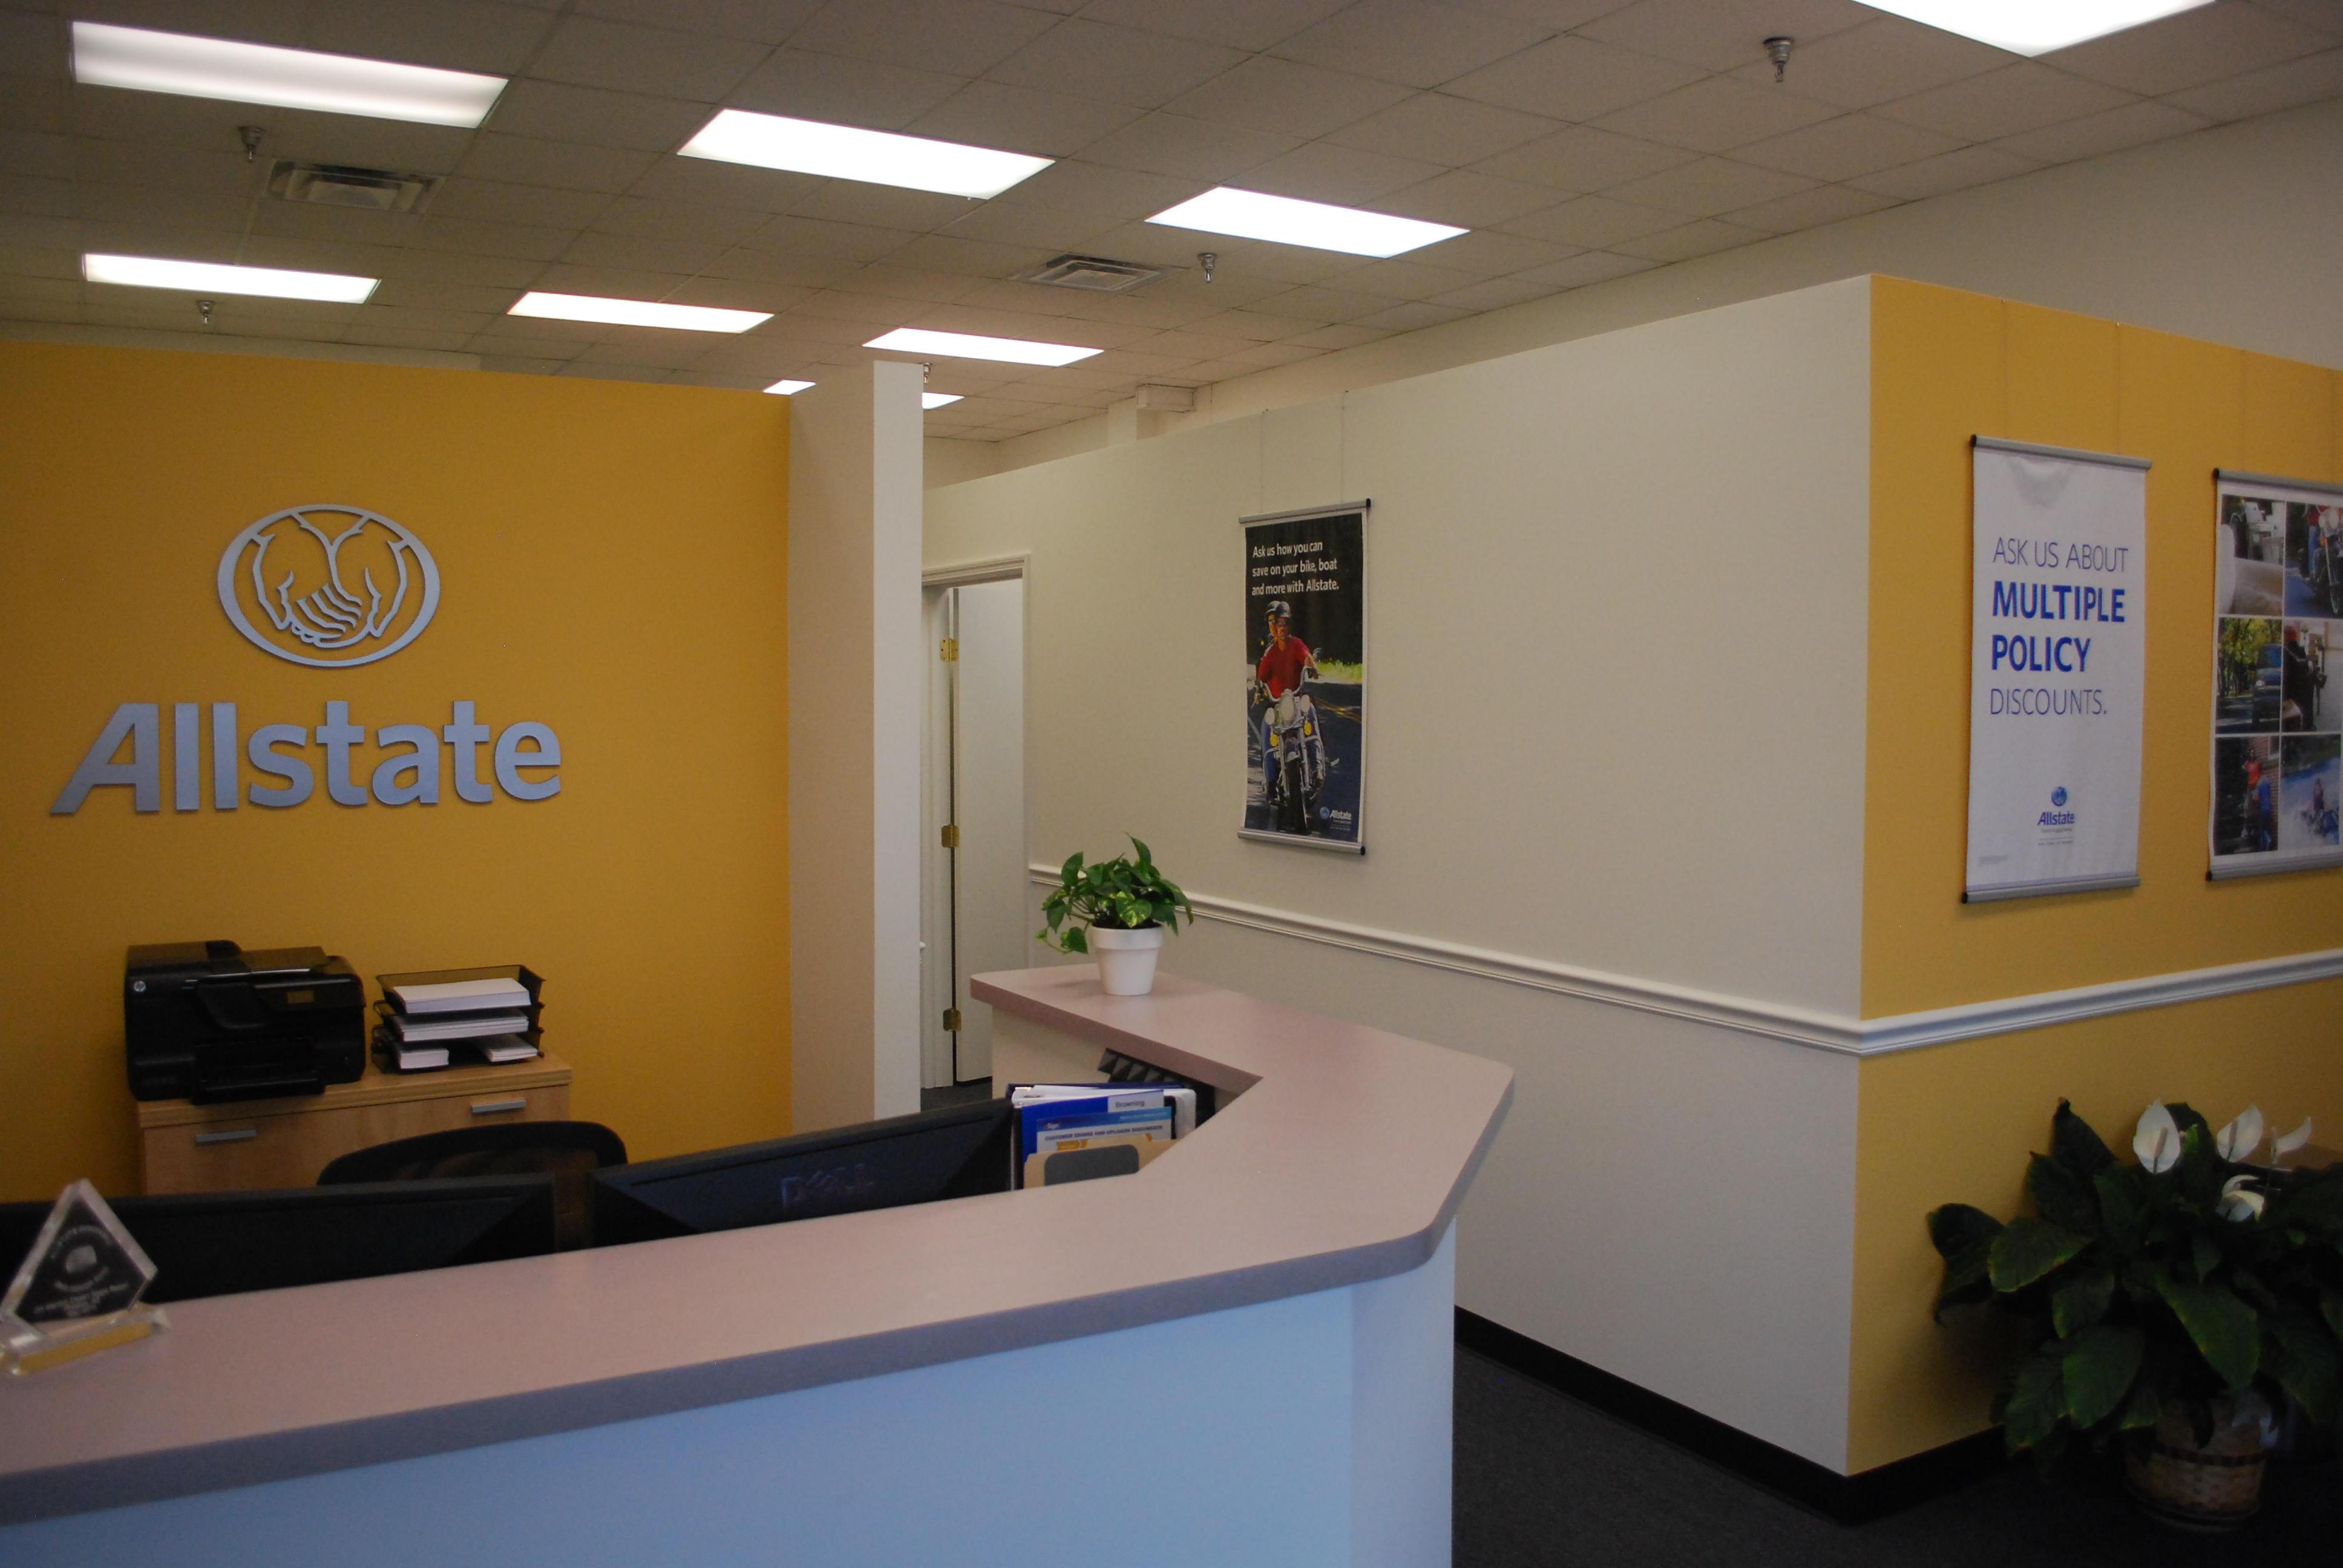 Frank Batsche: Allstate Insurance image 1